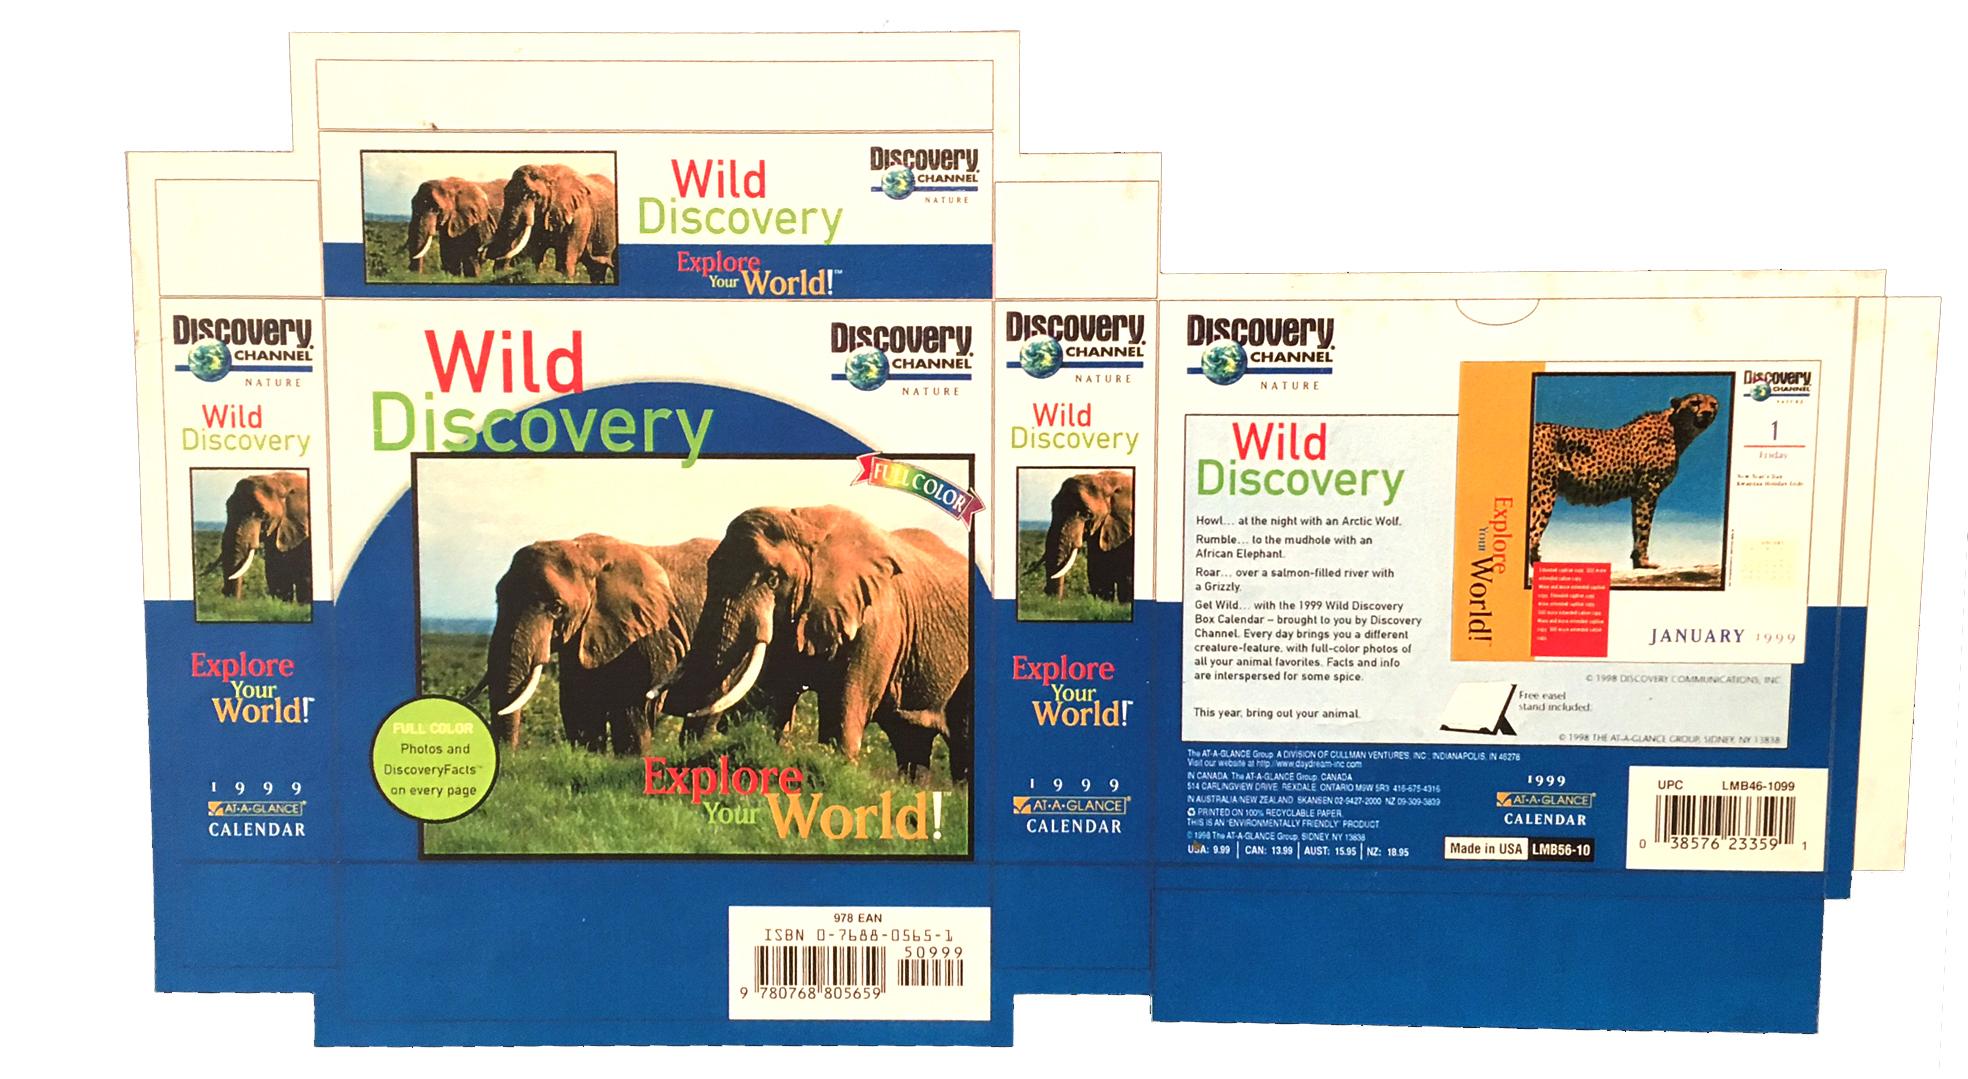 Wild-Disc-Cal-Box